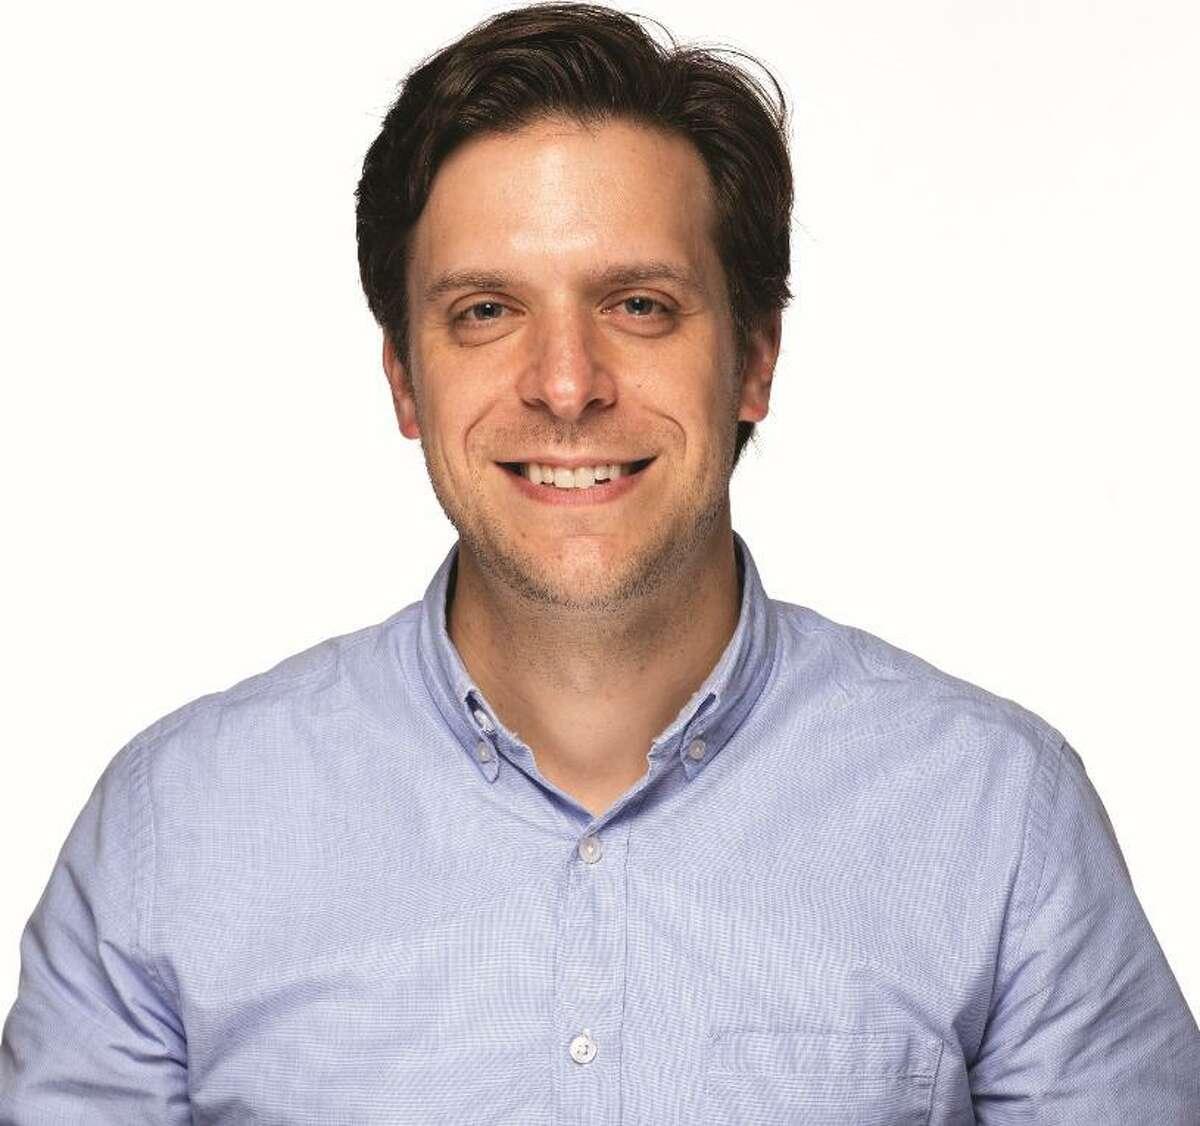 Kevin Gardiner